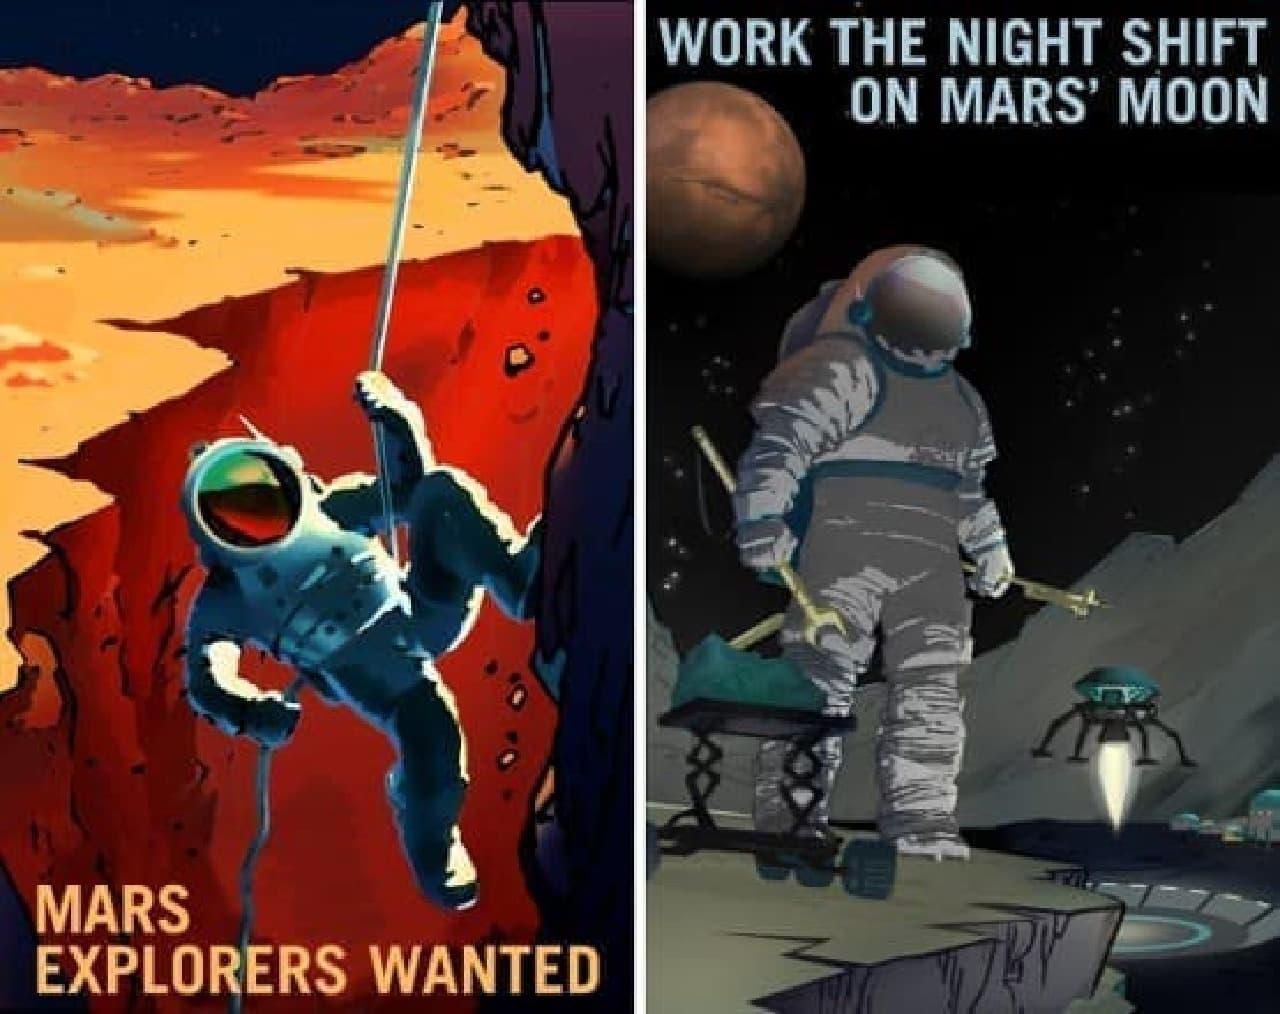 火星探査員募集ポスター、探検家と採掘者